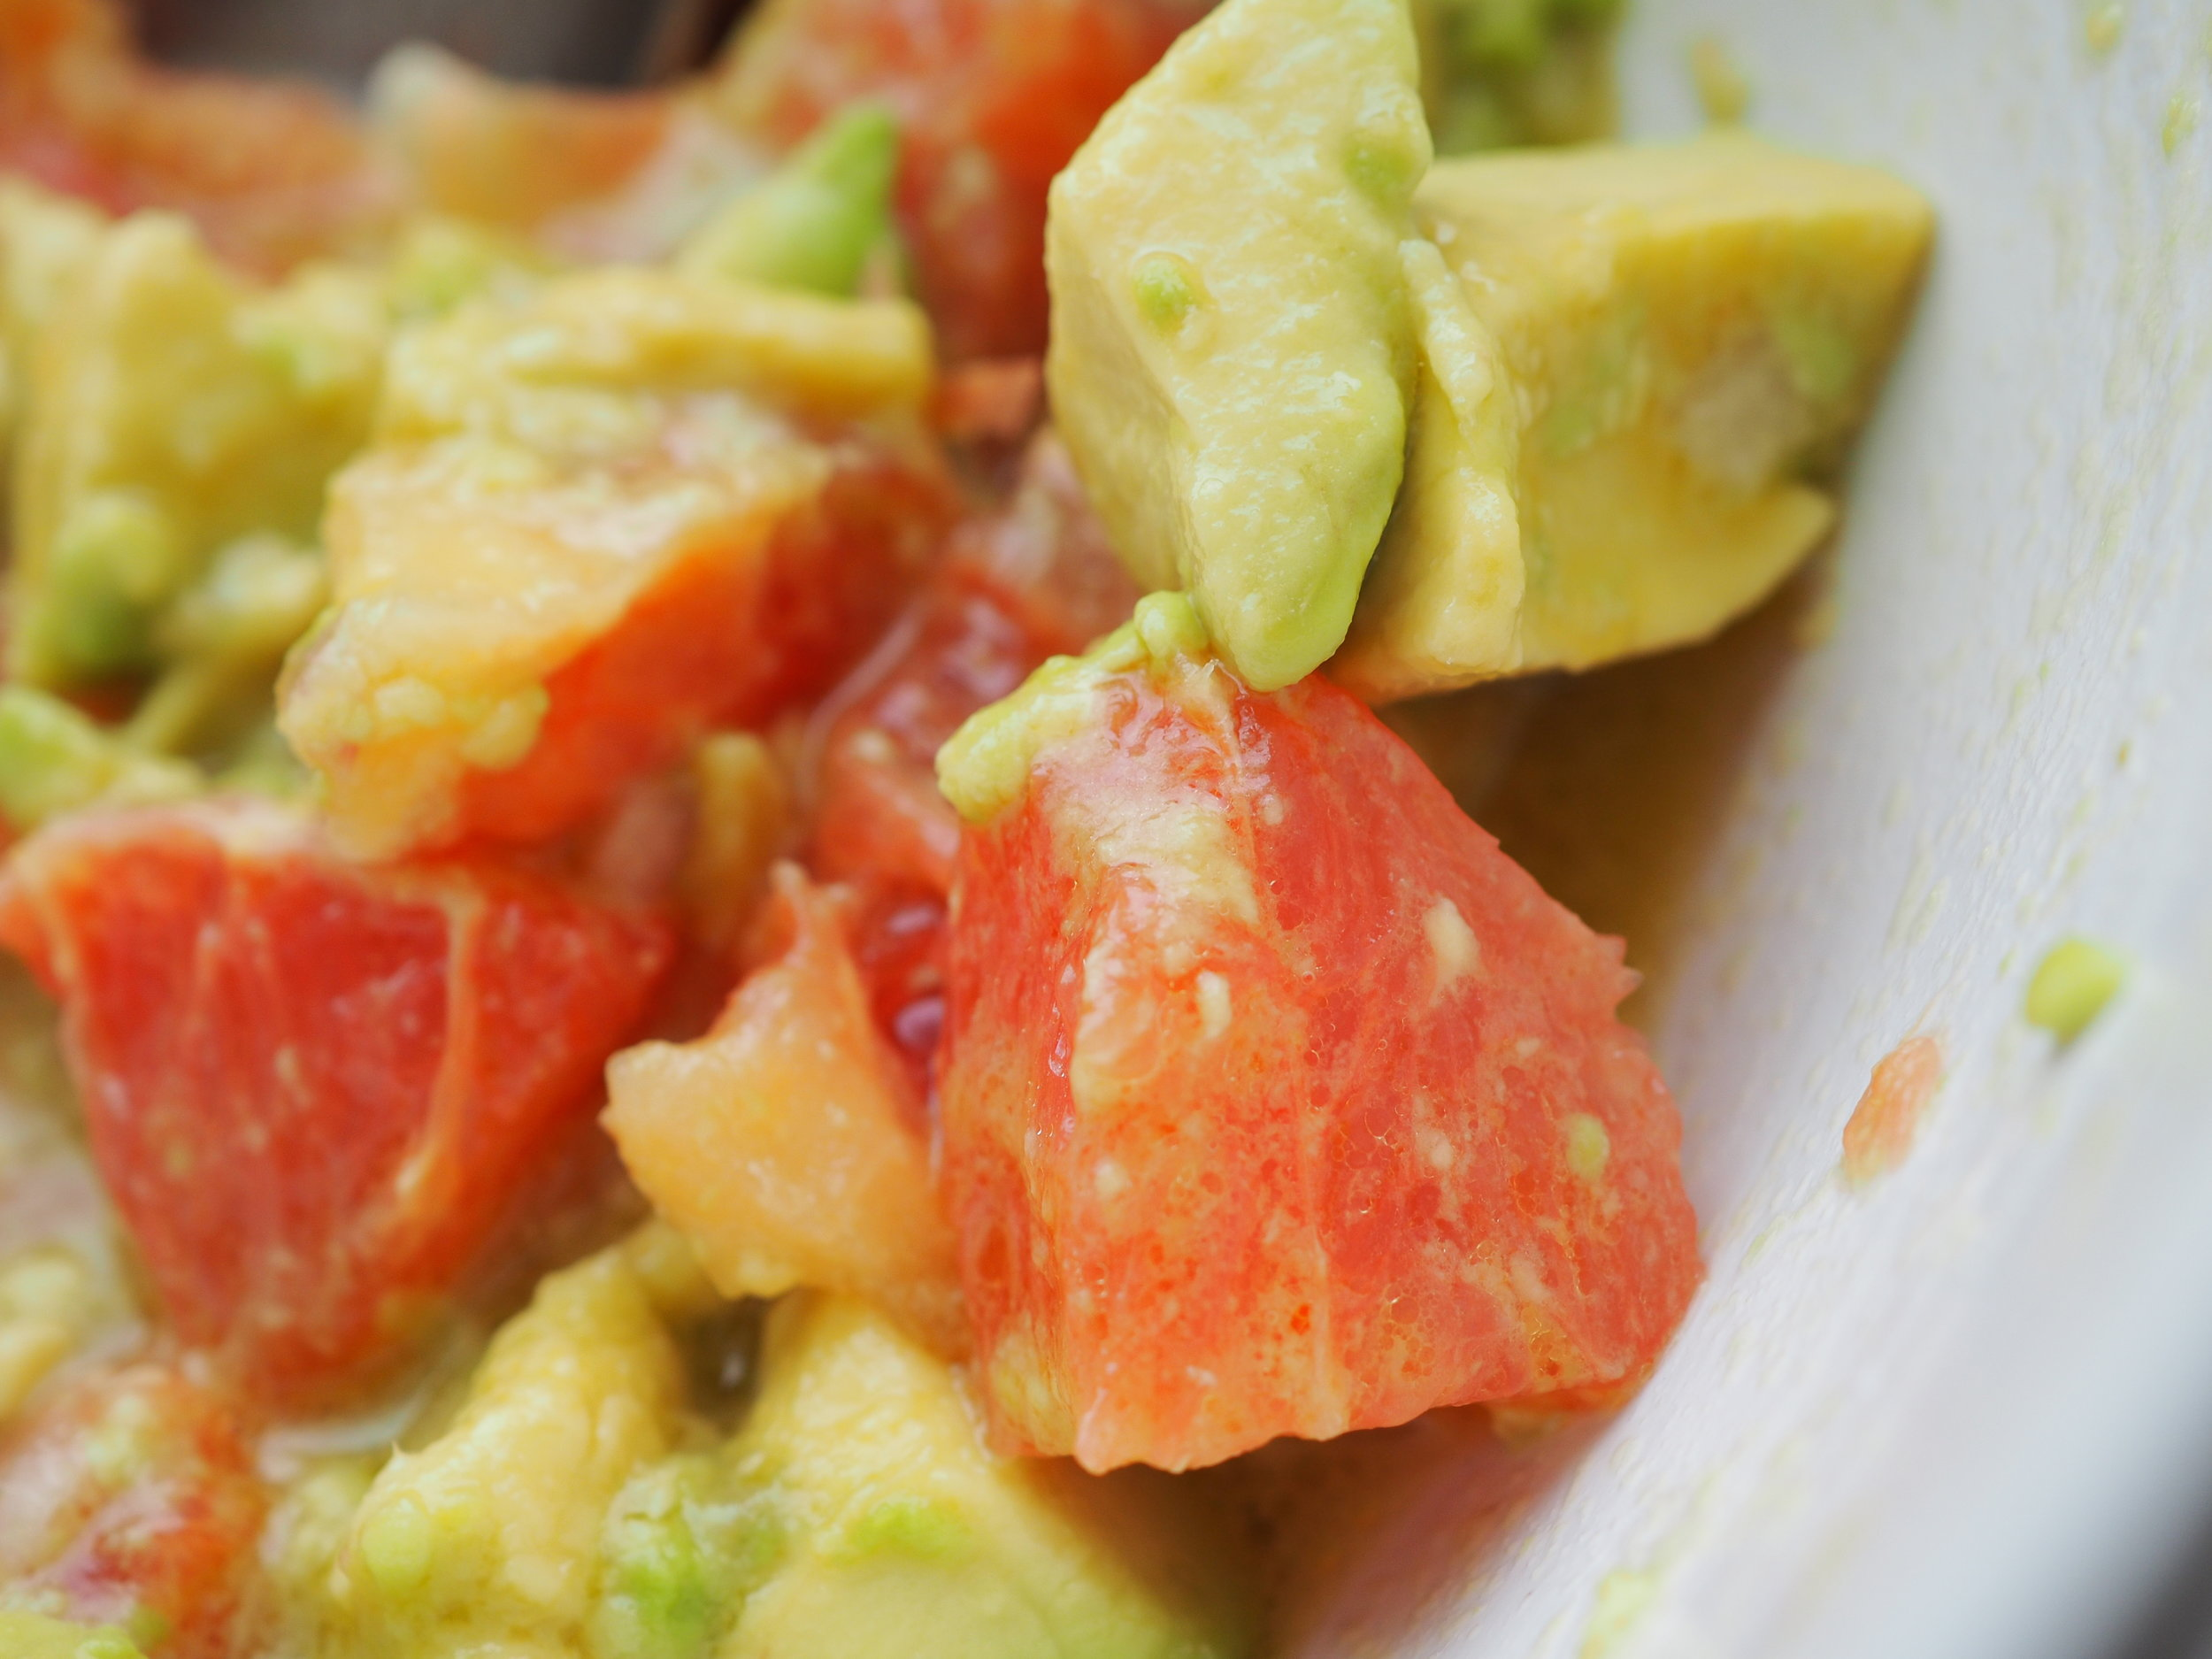 Avocado & Grapefruit Salad -